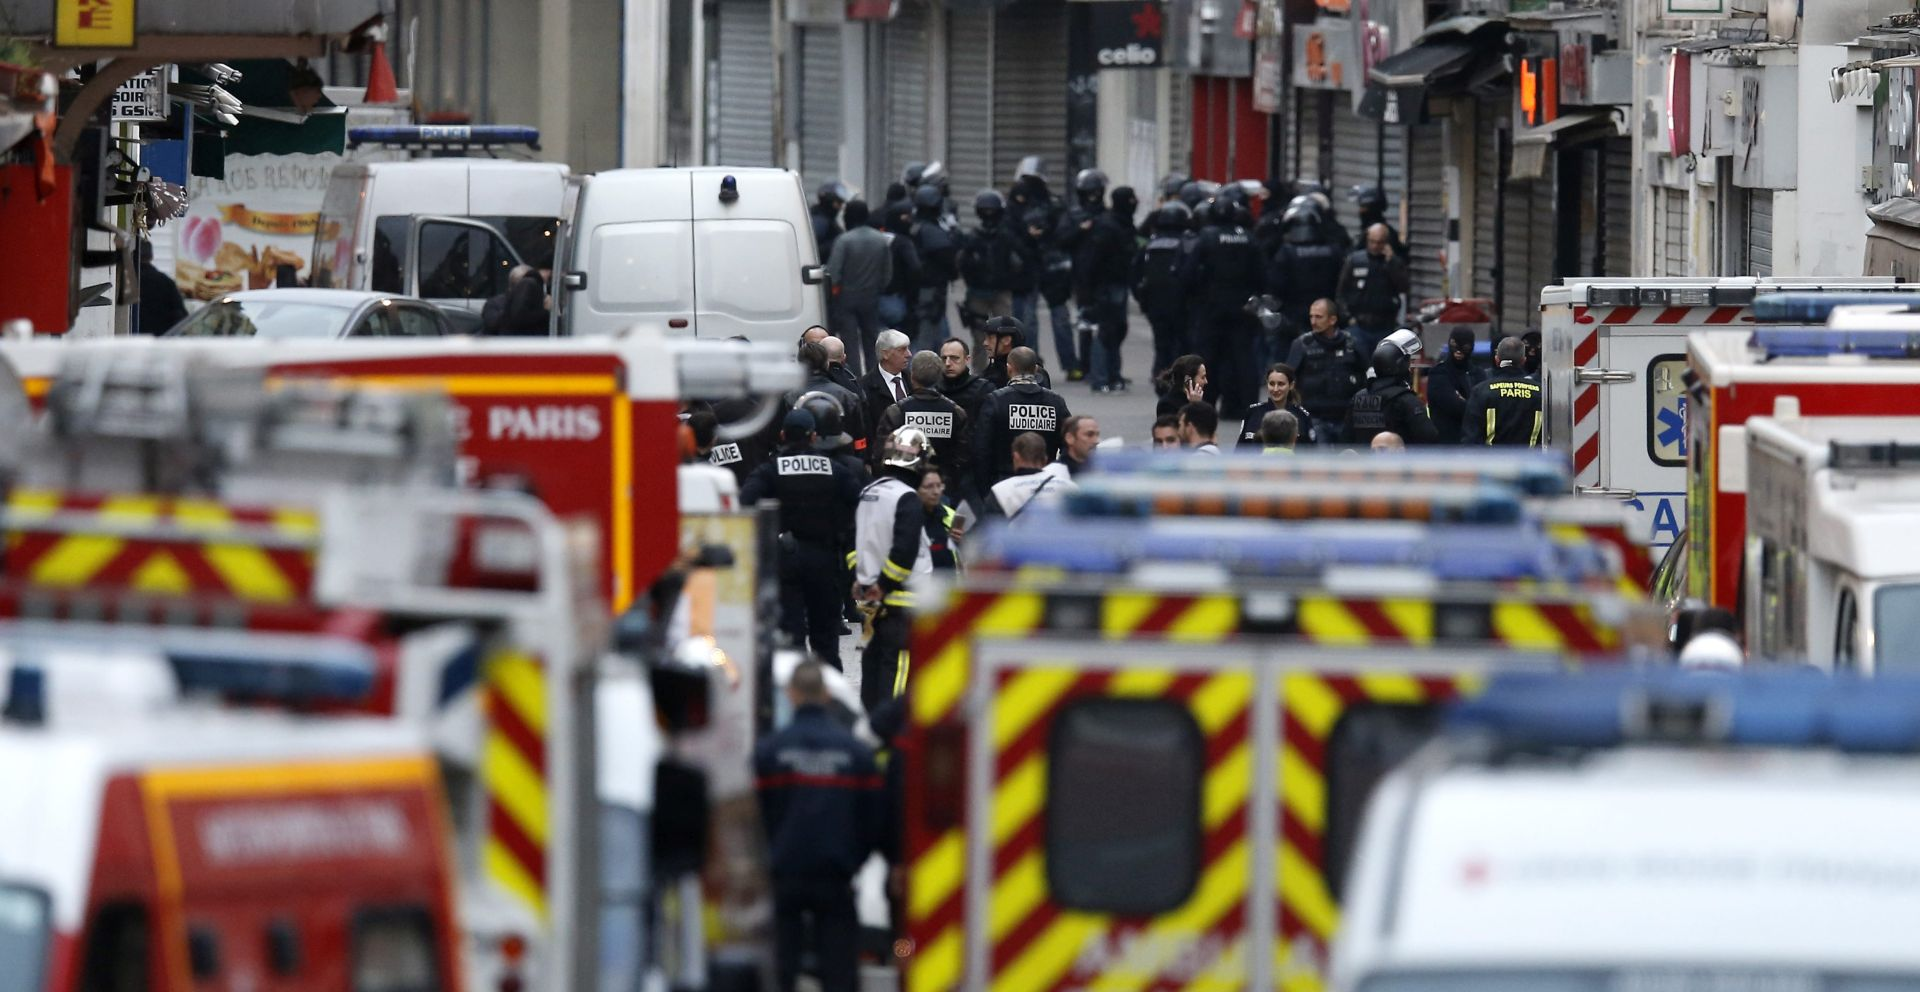 FRANCUSKA Osumnjičeni islamist koji je šefu odrubio glavu u lipnju počinio samoubojstvo